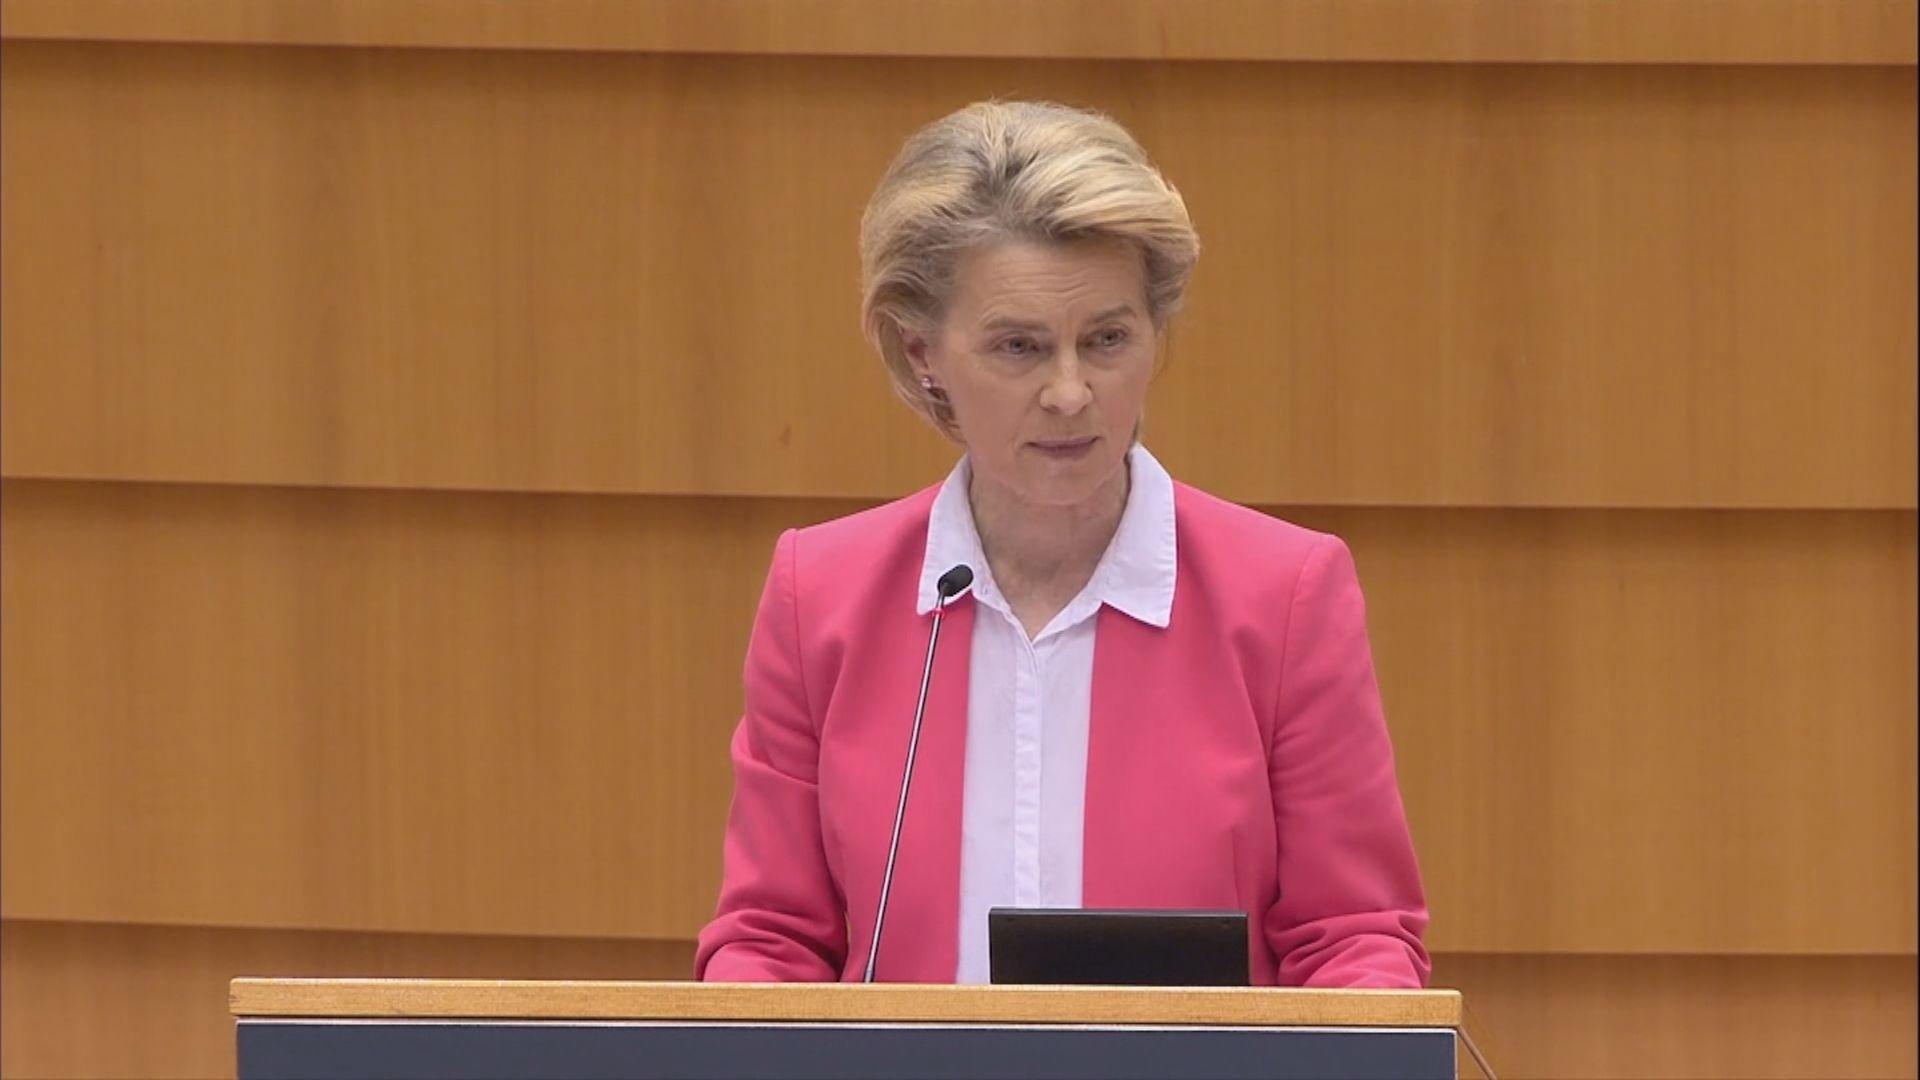 歐盟委員會主席訪土耳其未獲安排坐在總統旁 批是性別歧視